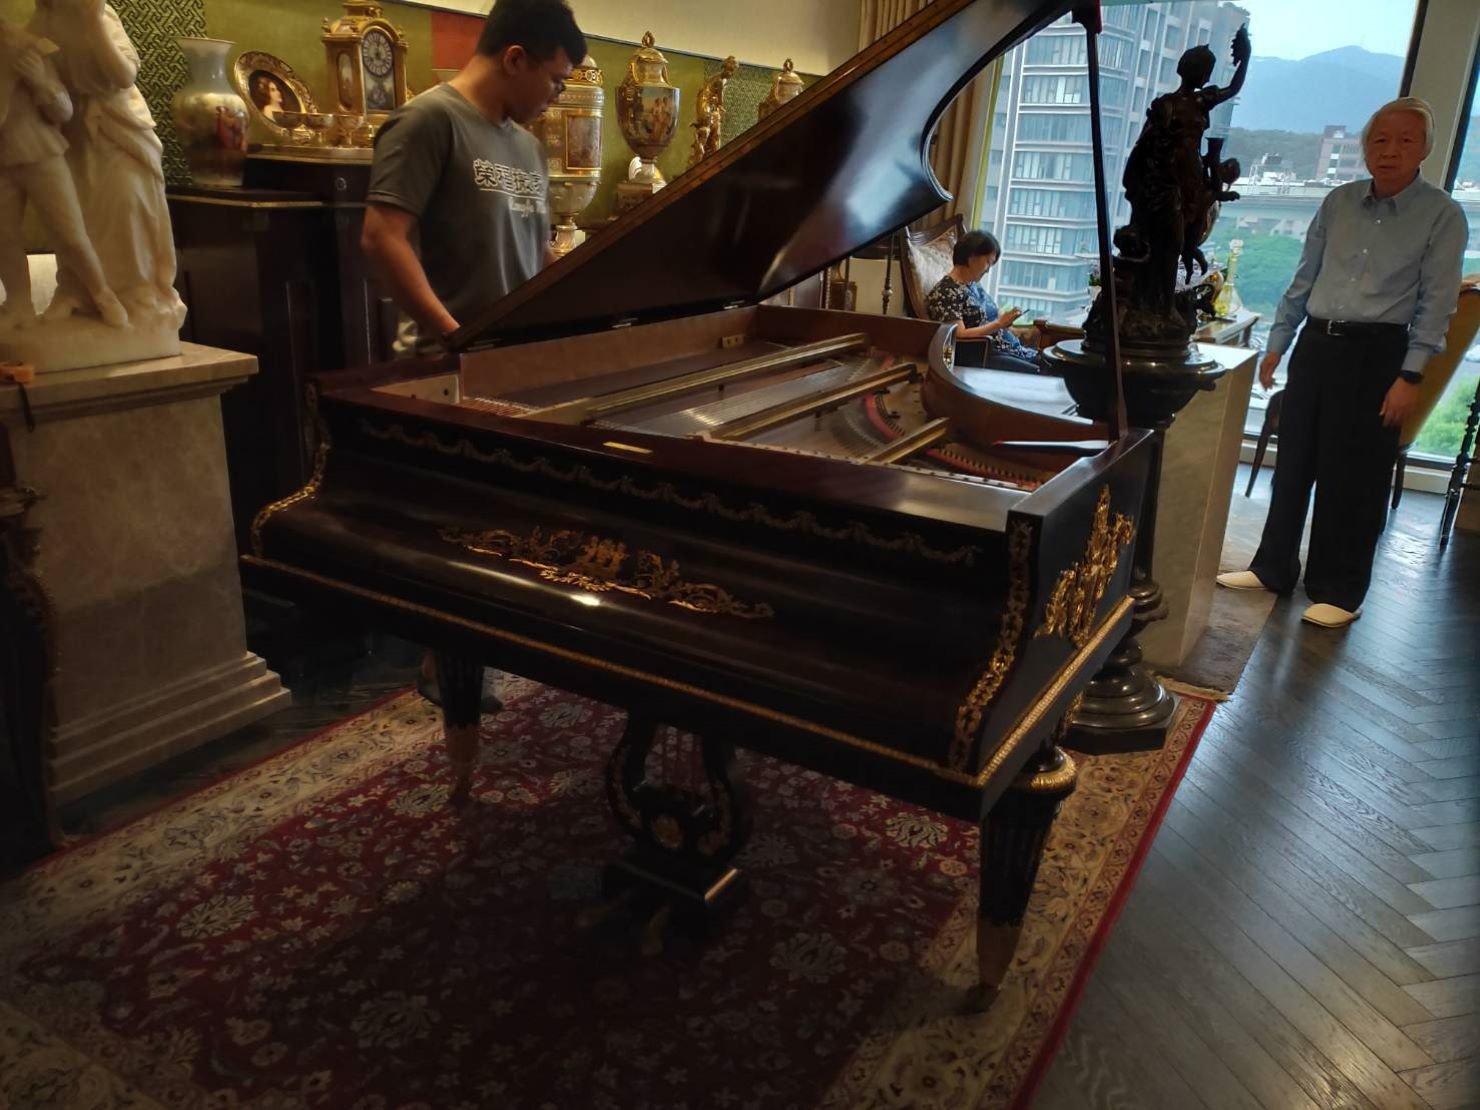 鋼琴搬運【榮福搬家公司】值得您來選擇:手工客製化三角演奏琴頂蓋拆卸